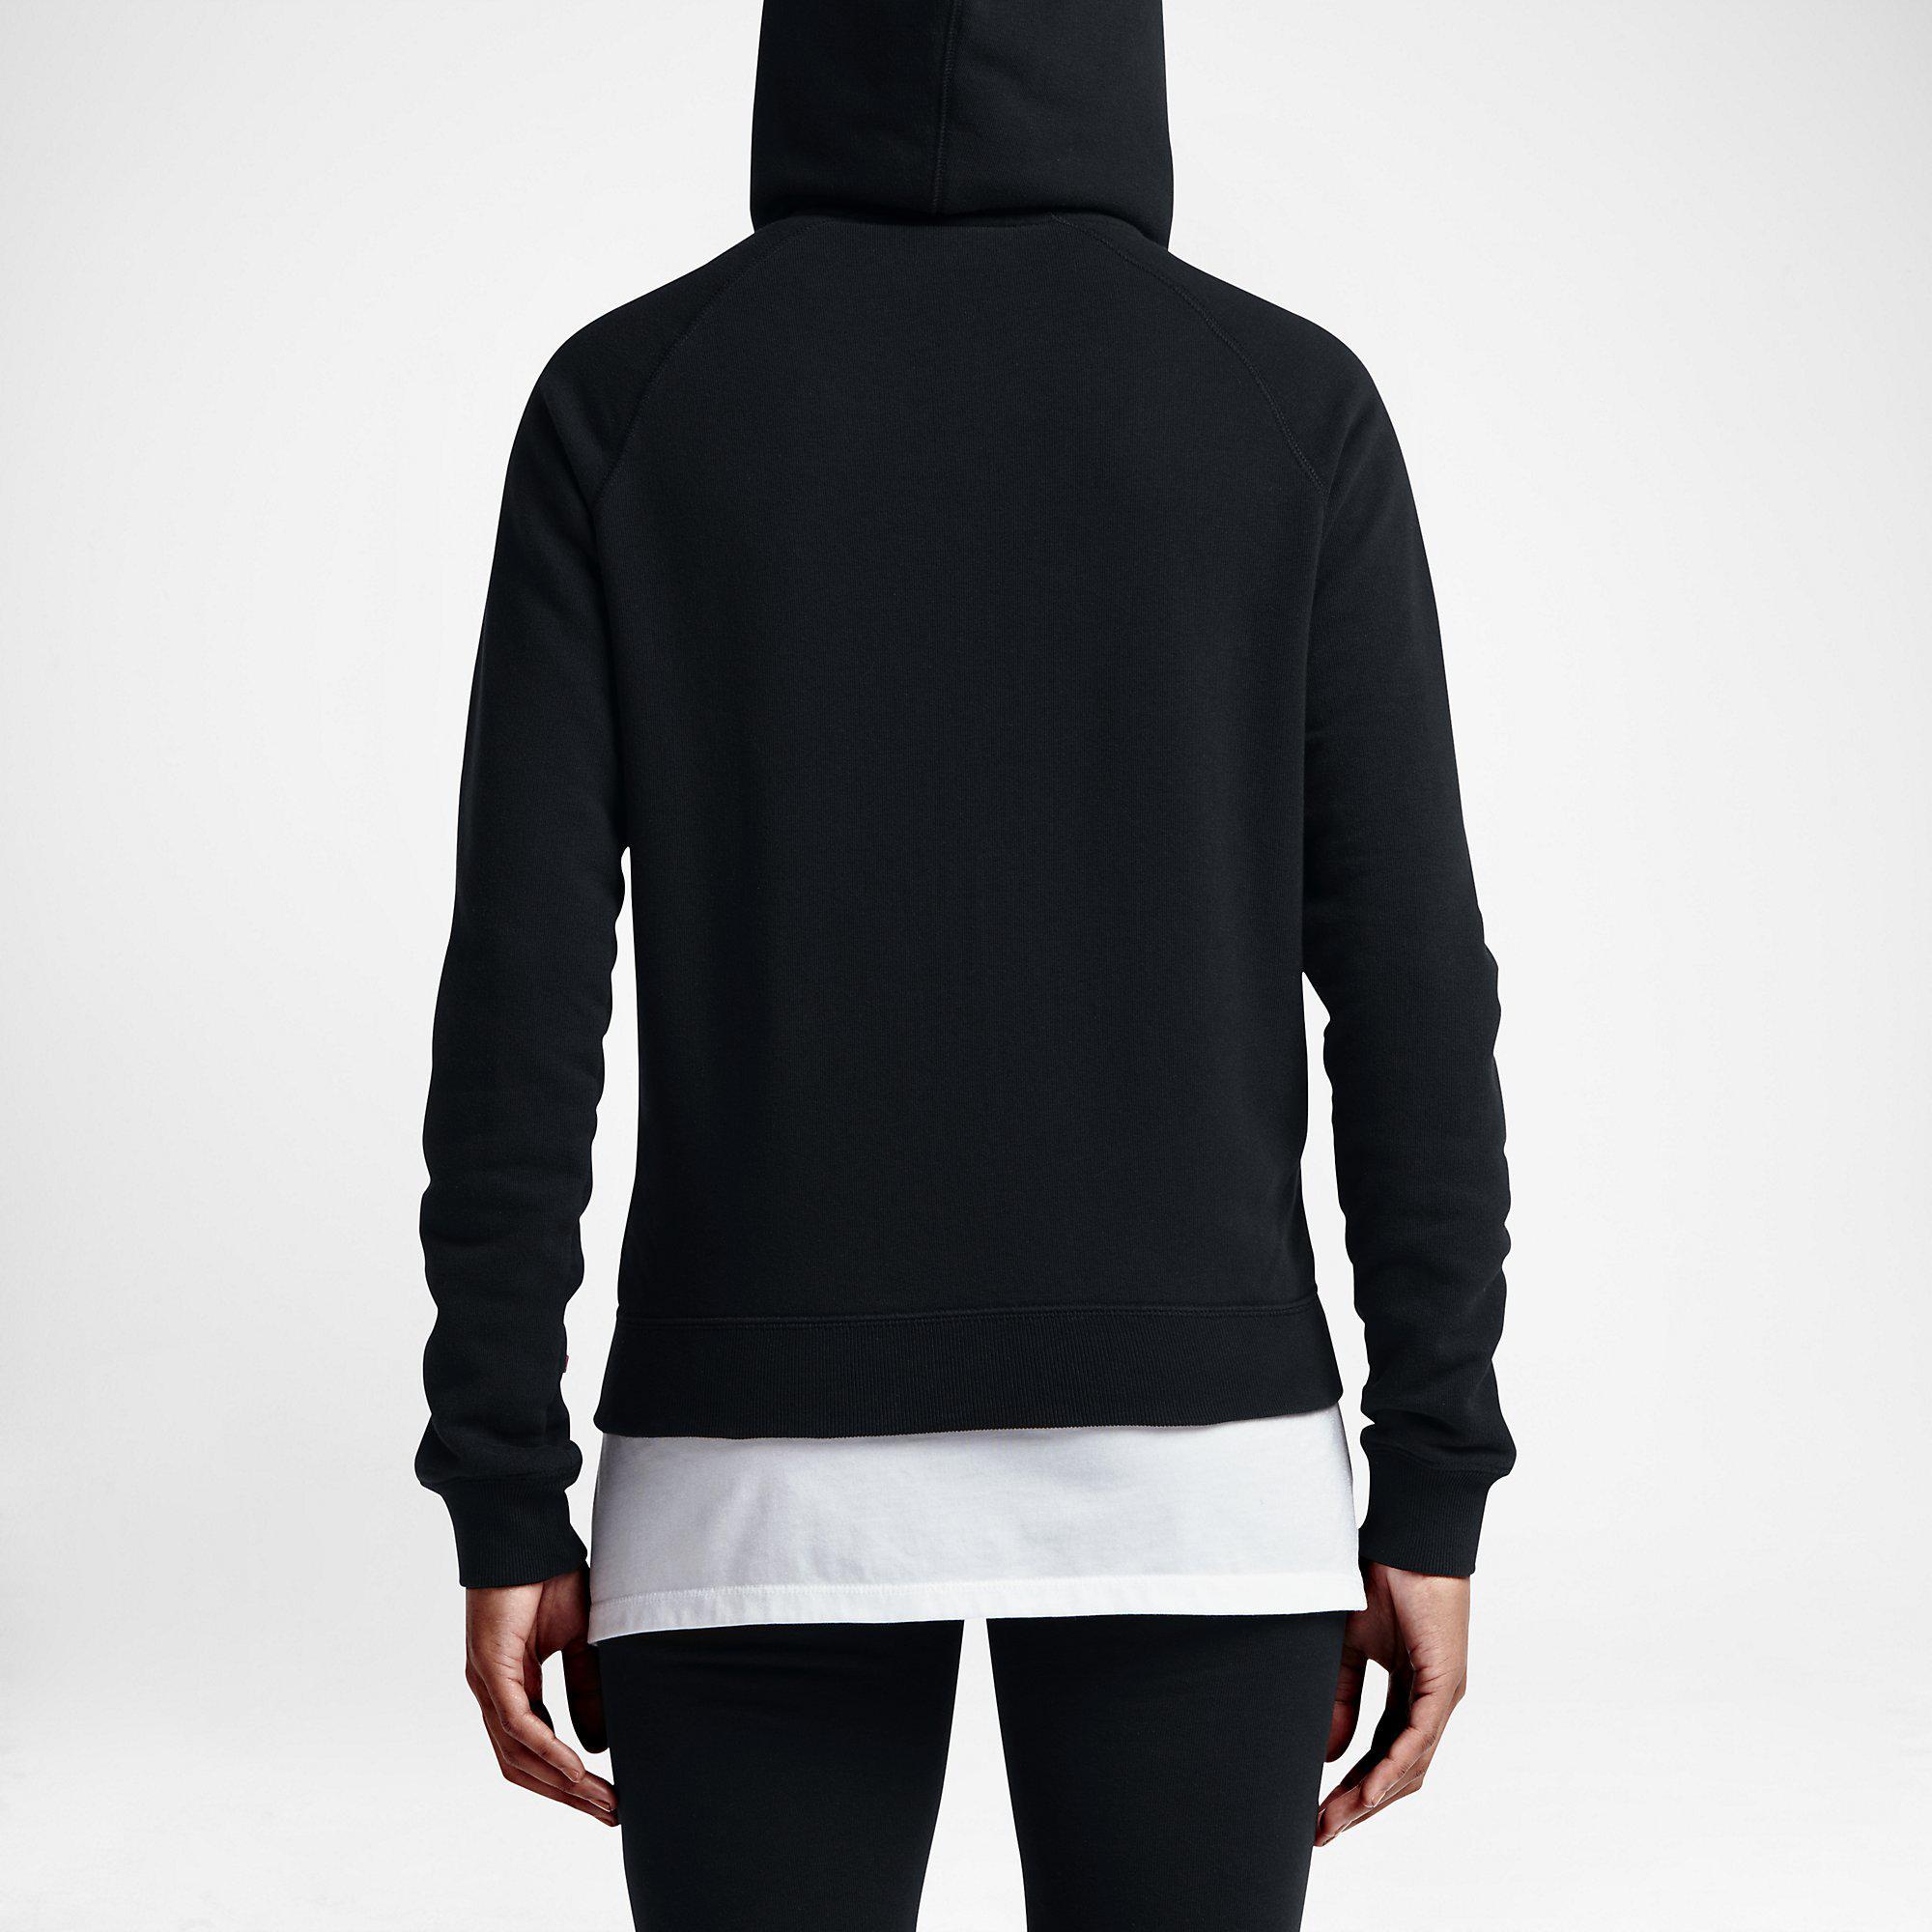 Nike futura hoodie